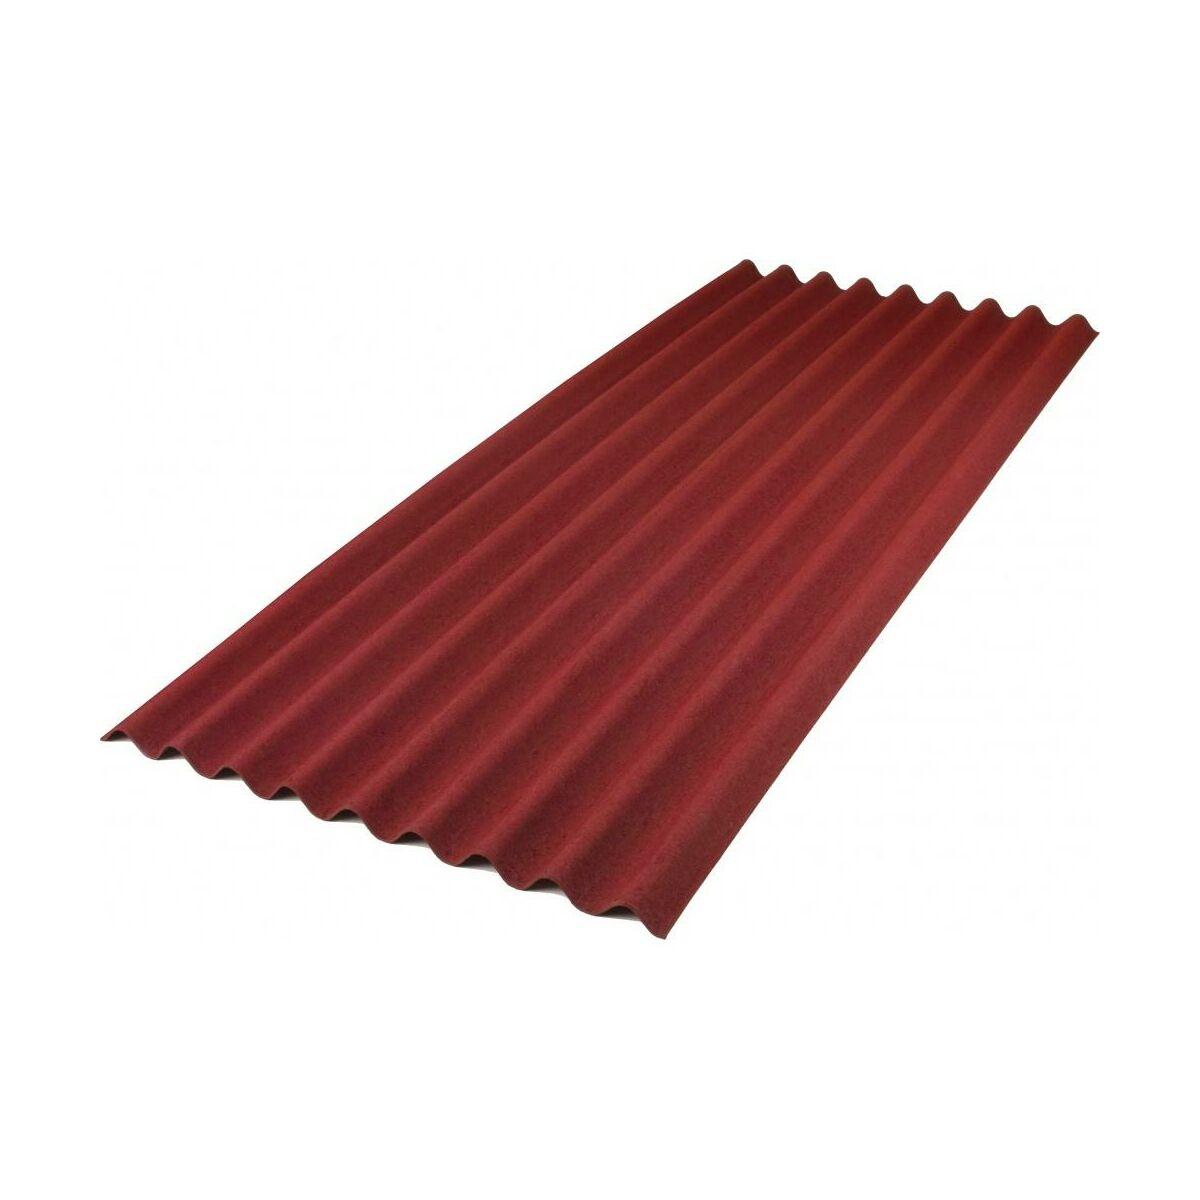 Plyta Bitumiczna Base Czerwona 1 4 M2 Onduline Plyty Bitumiczne W Atrakcyjnej Cenie W Sklepach Leroy Merlin